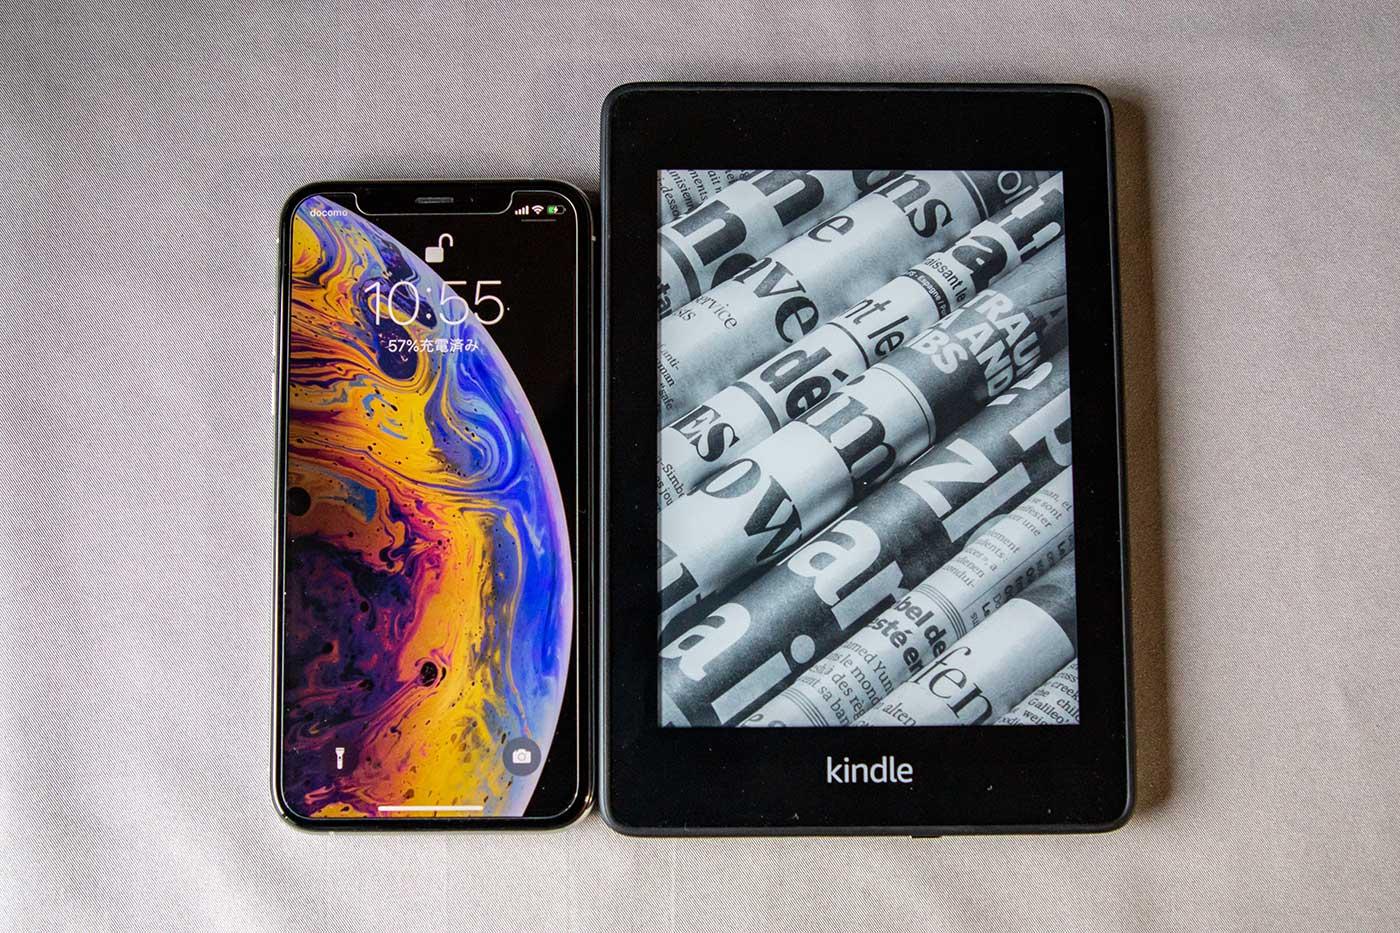 iPhoneXSとKindlePaperwhite